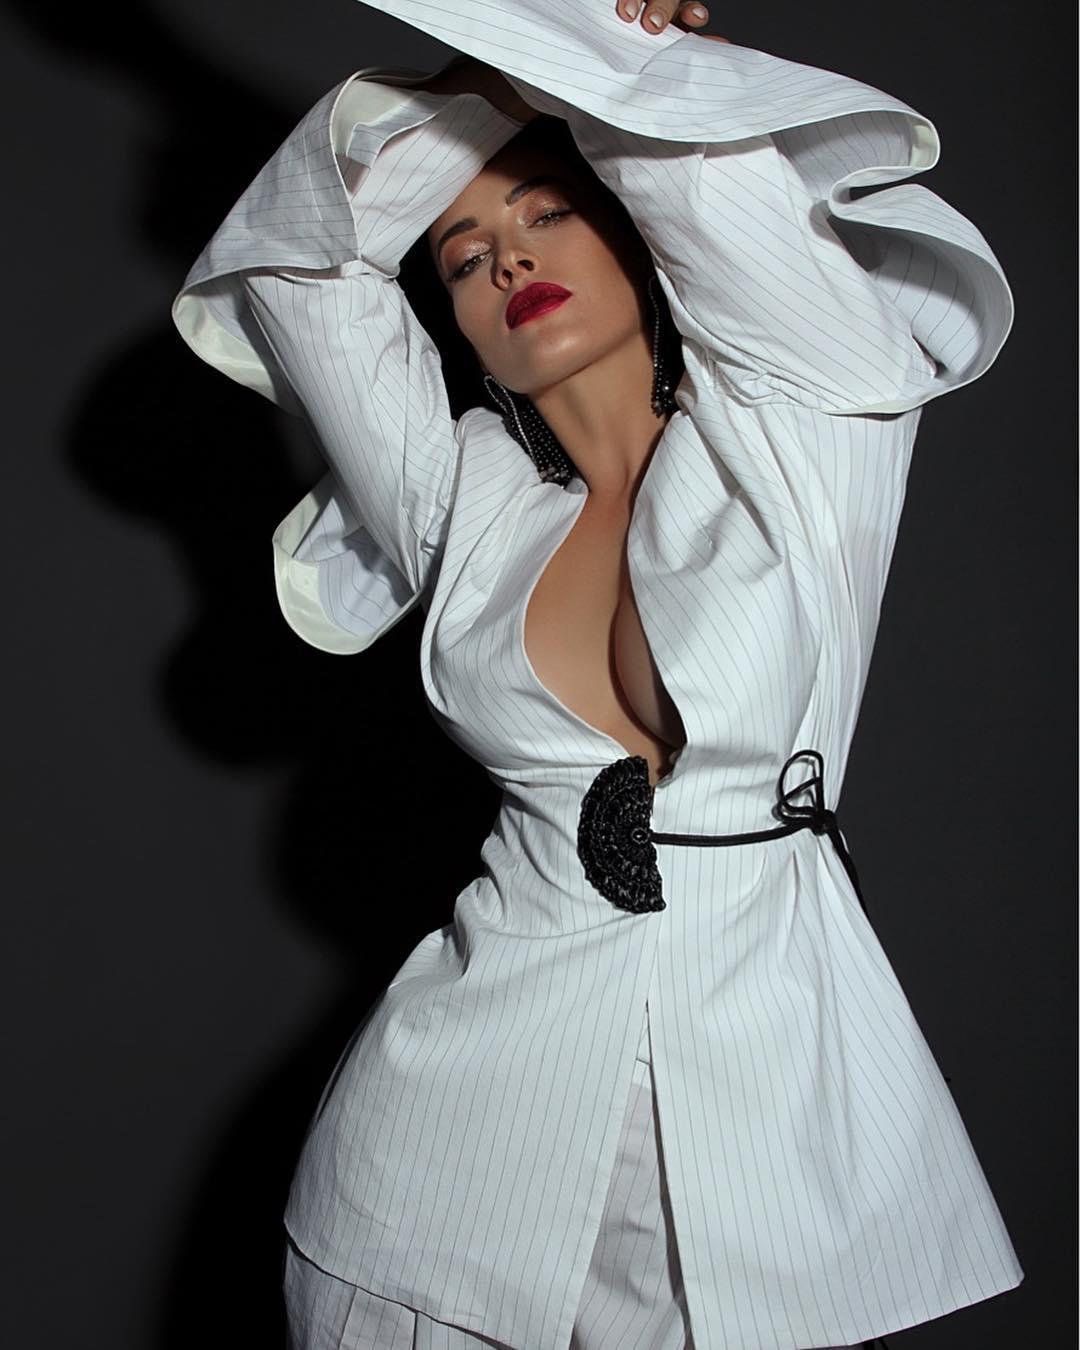 Артистка позировала в белом костюме на голое тело